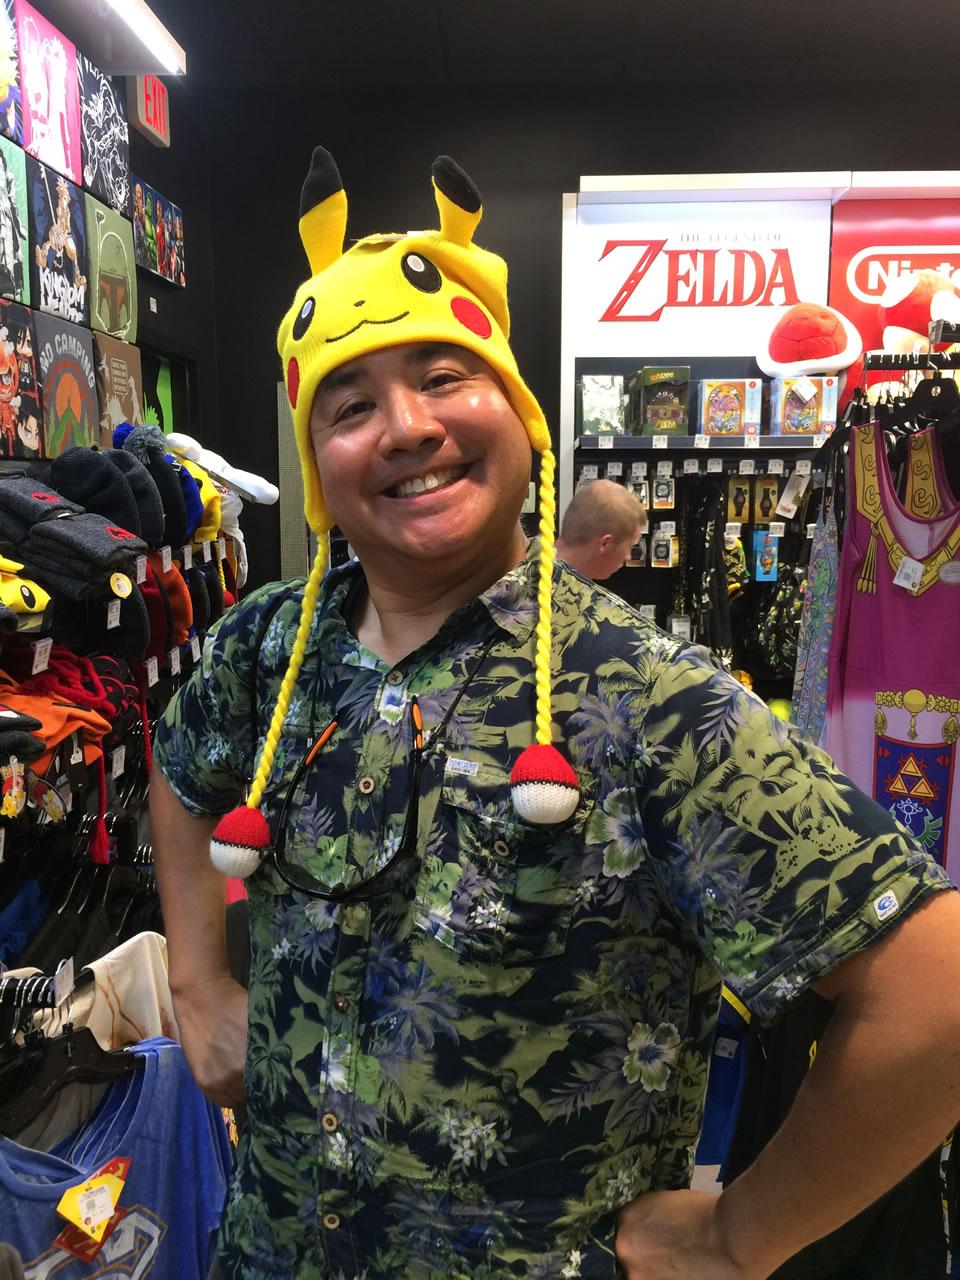 31 thinkgeek store - joey in pikachu hat